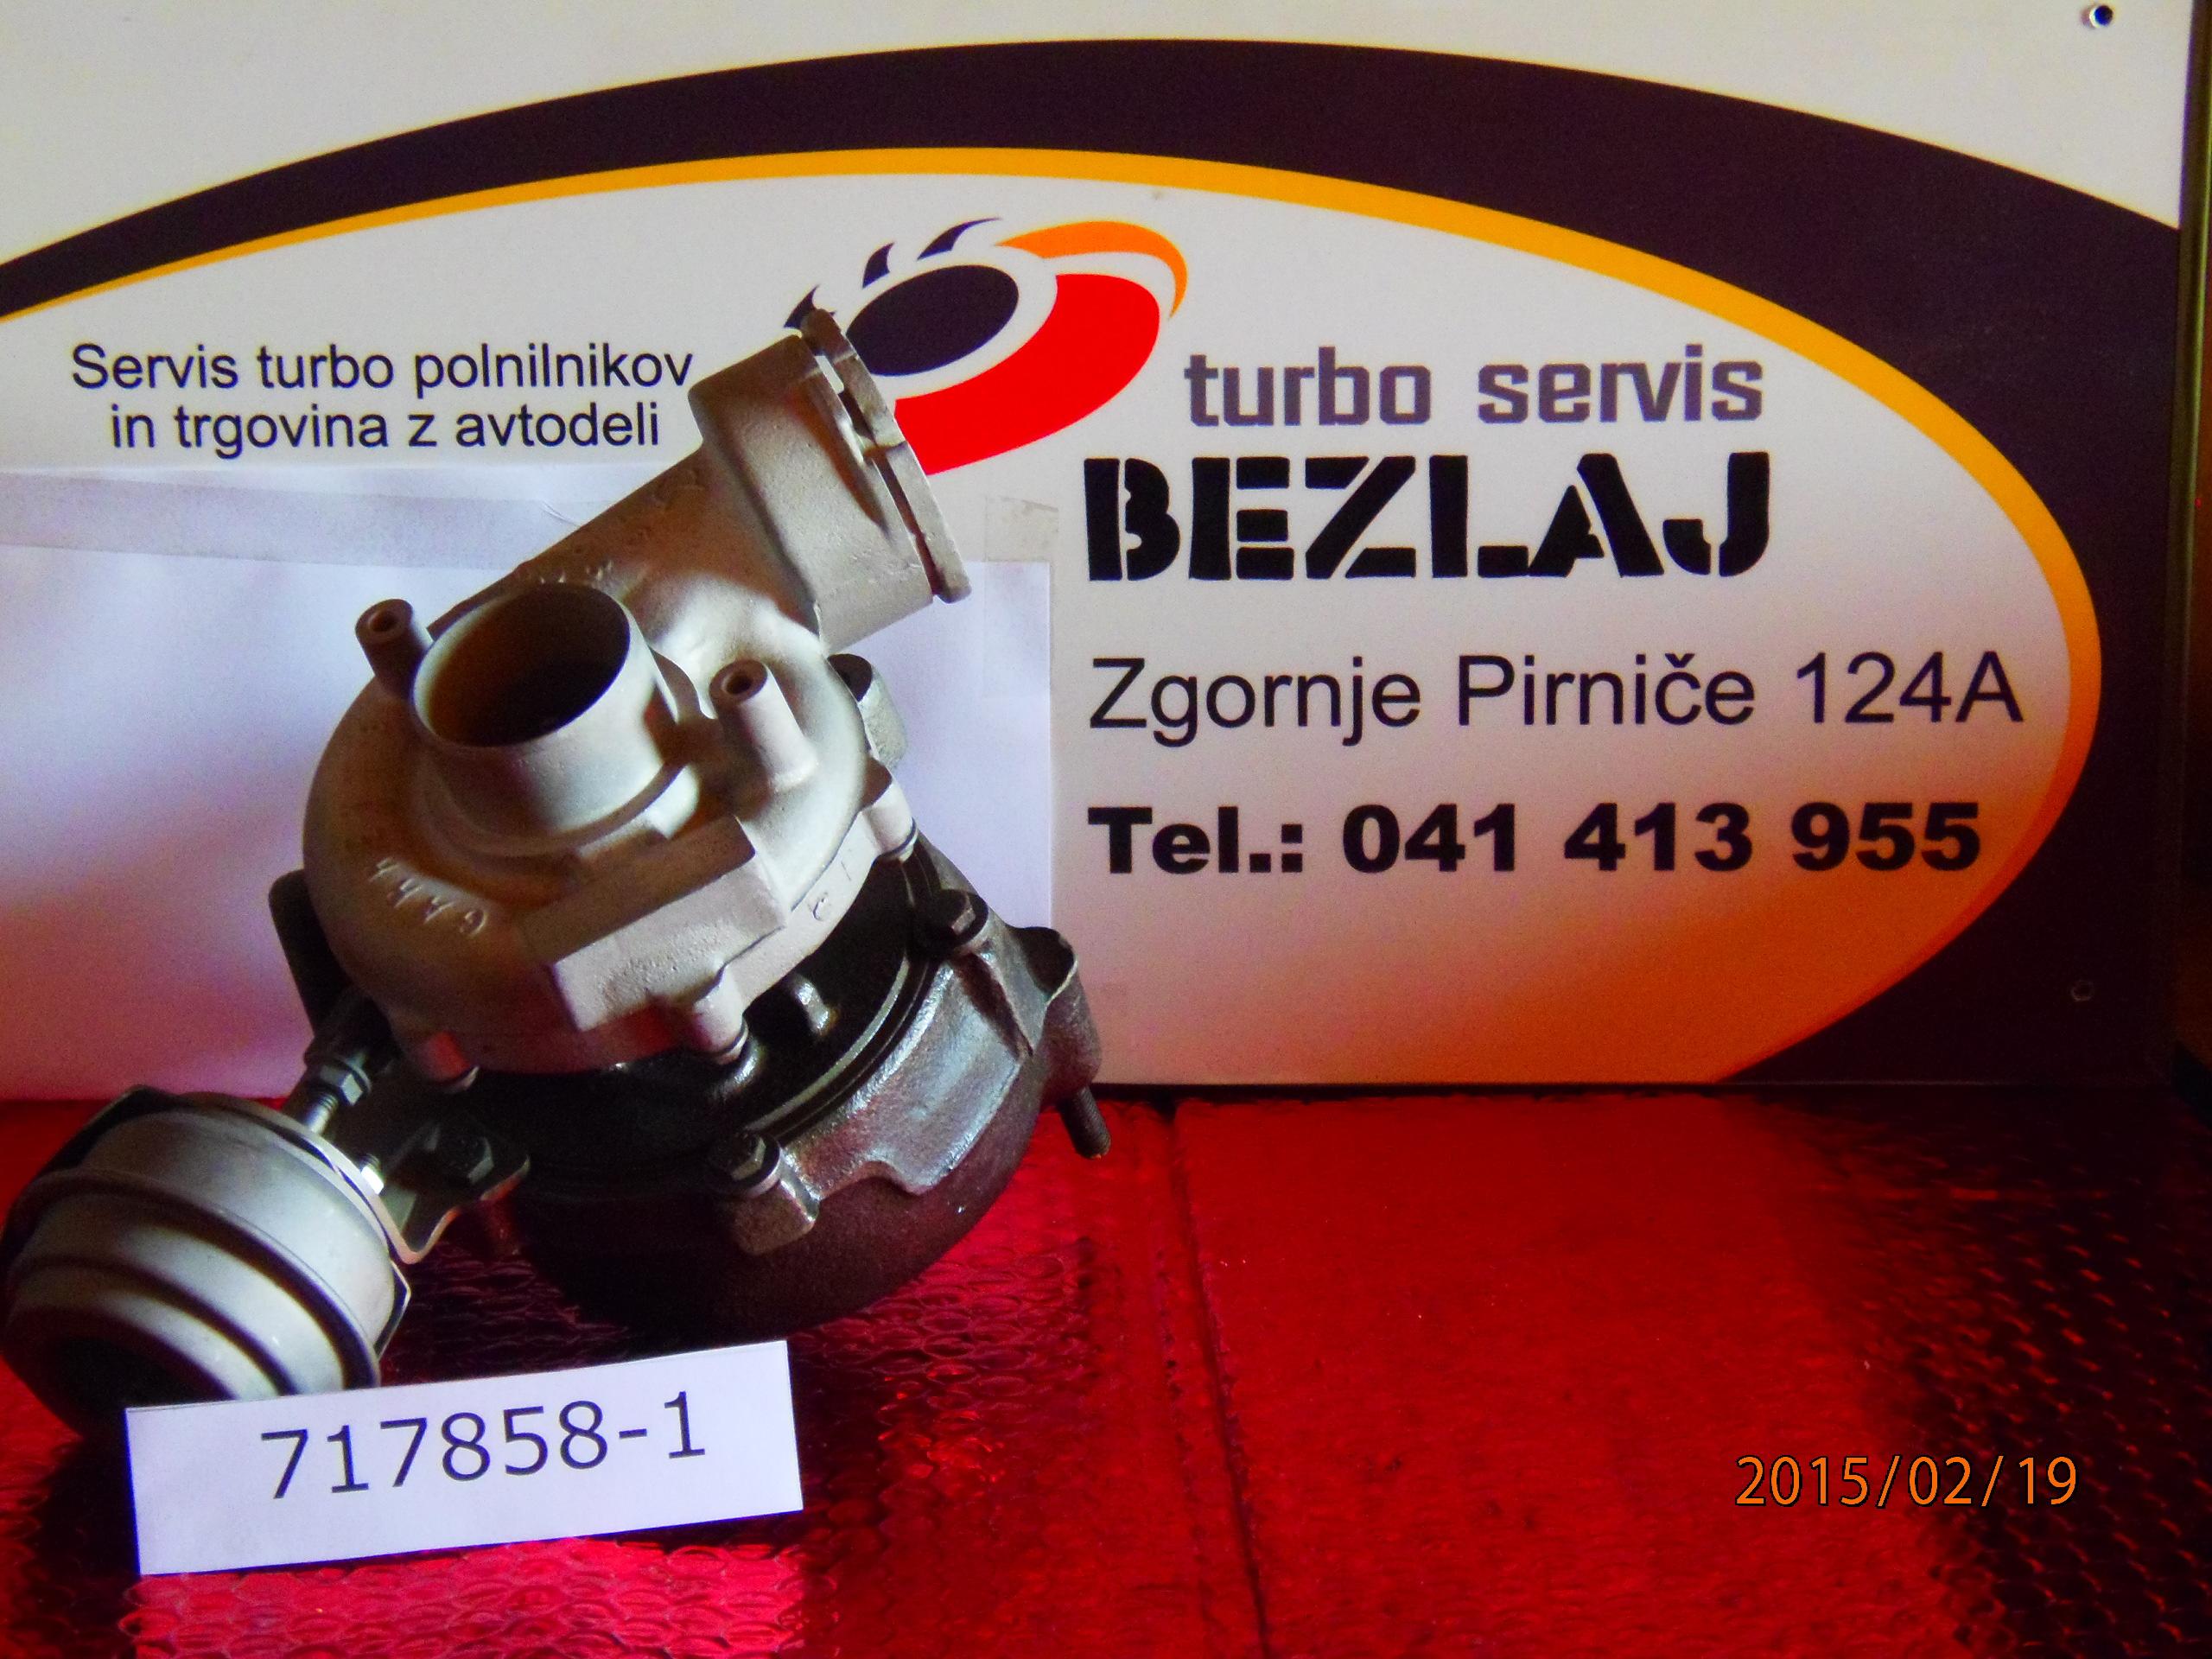 turbo717858-1